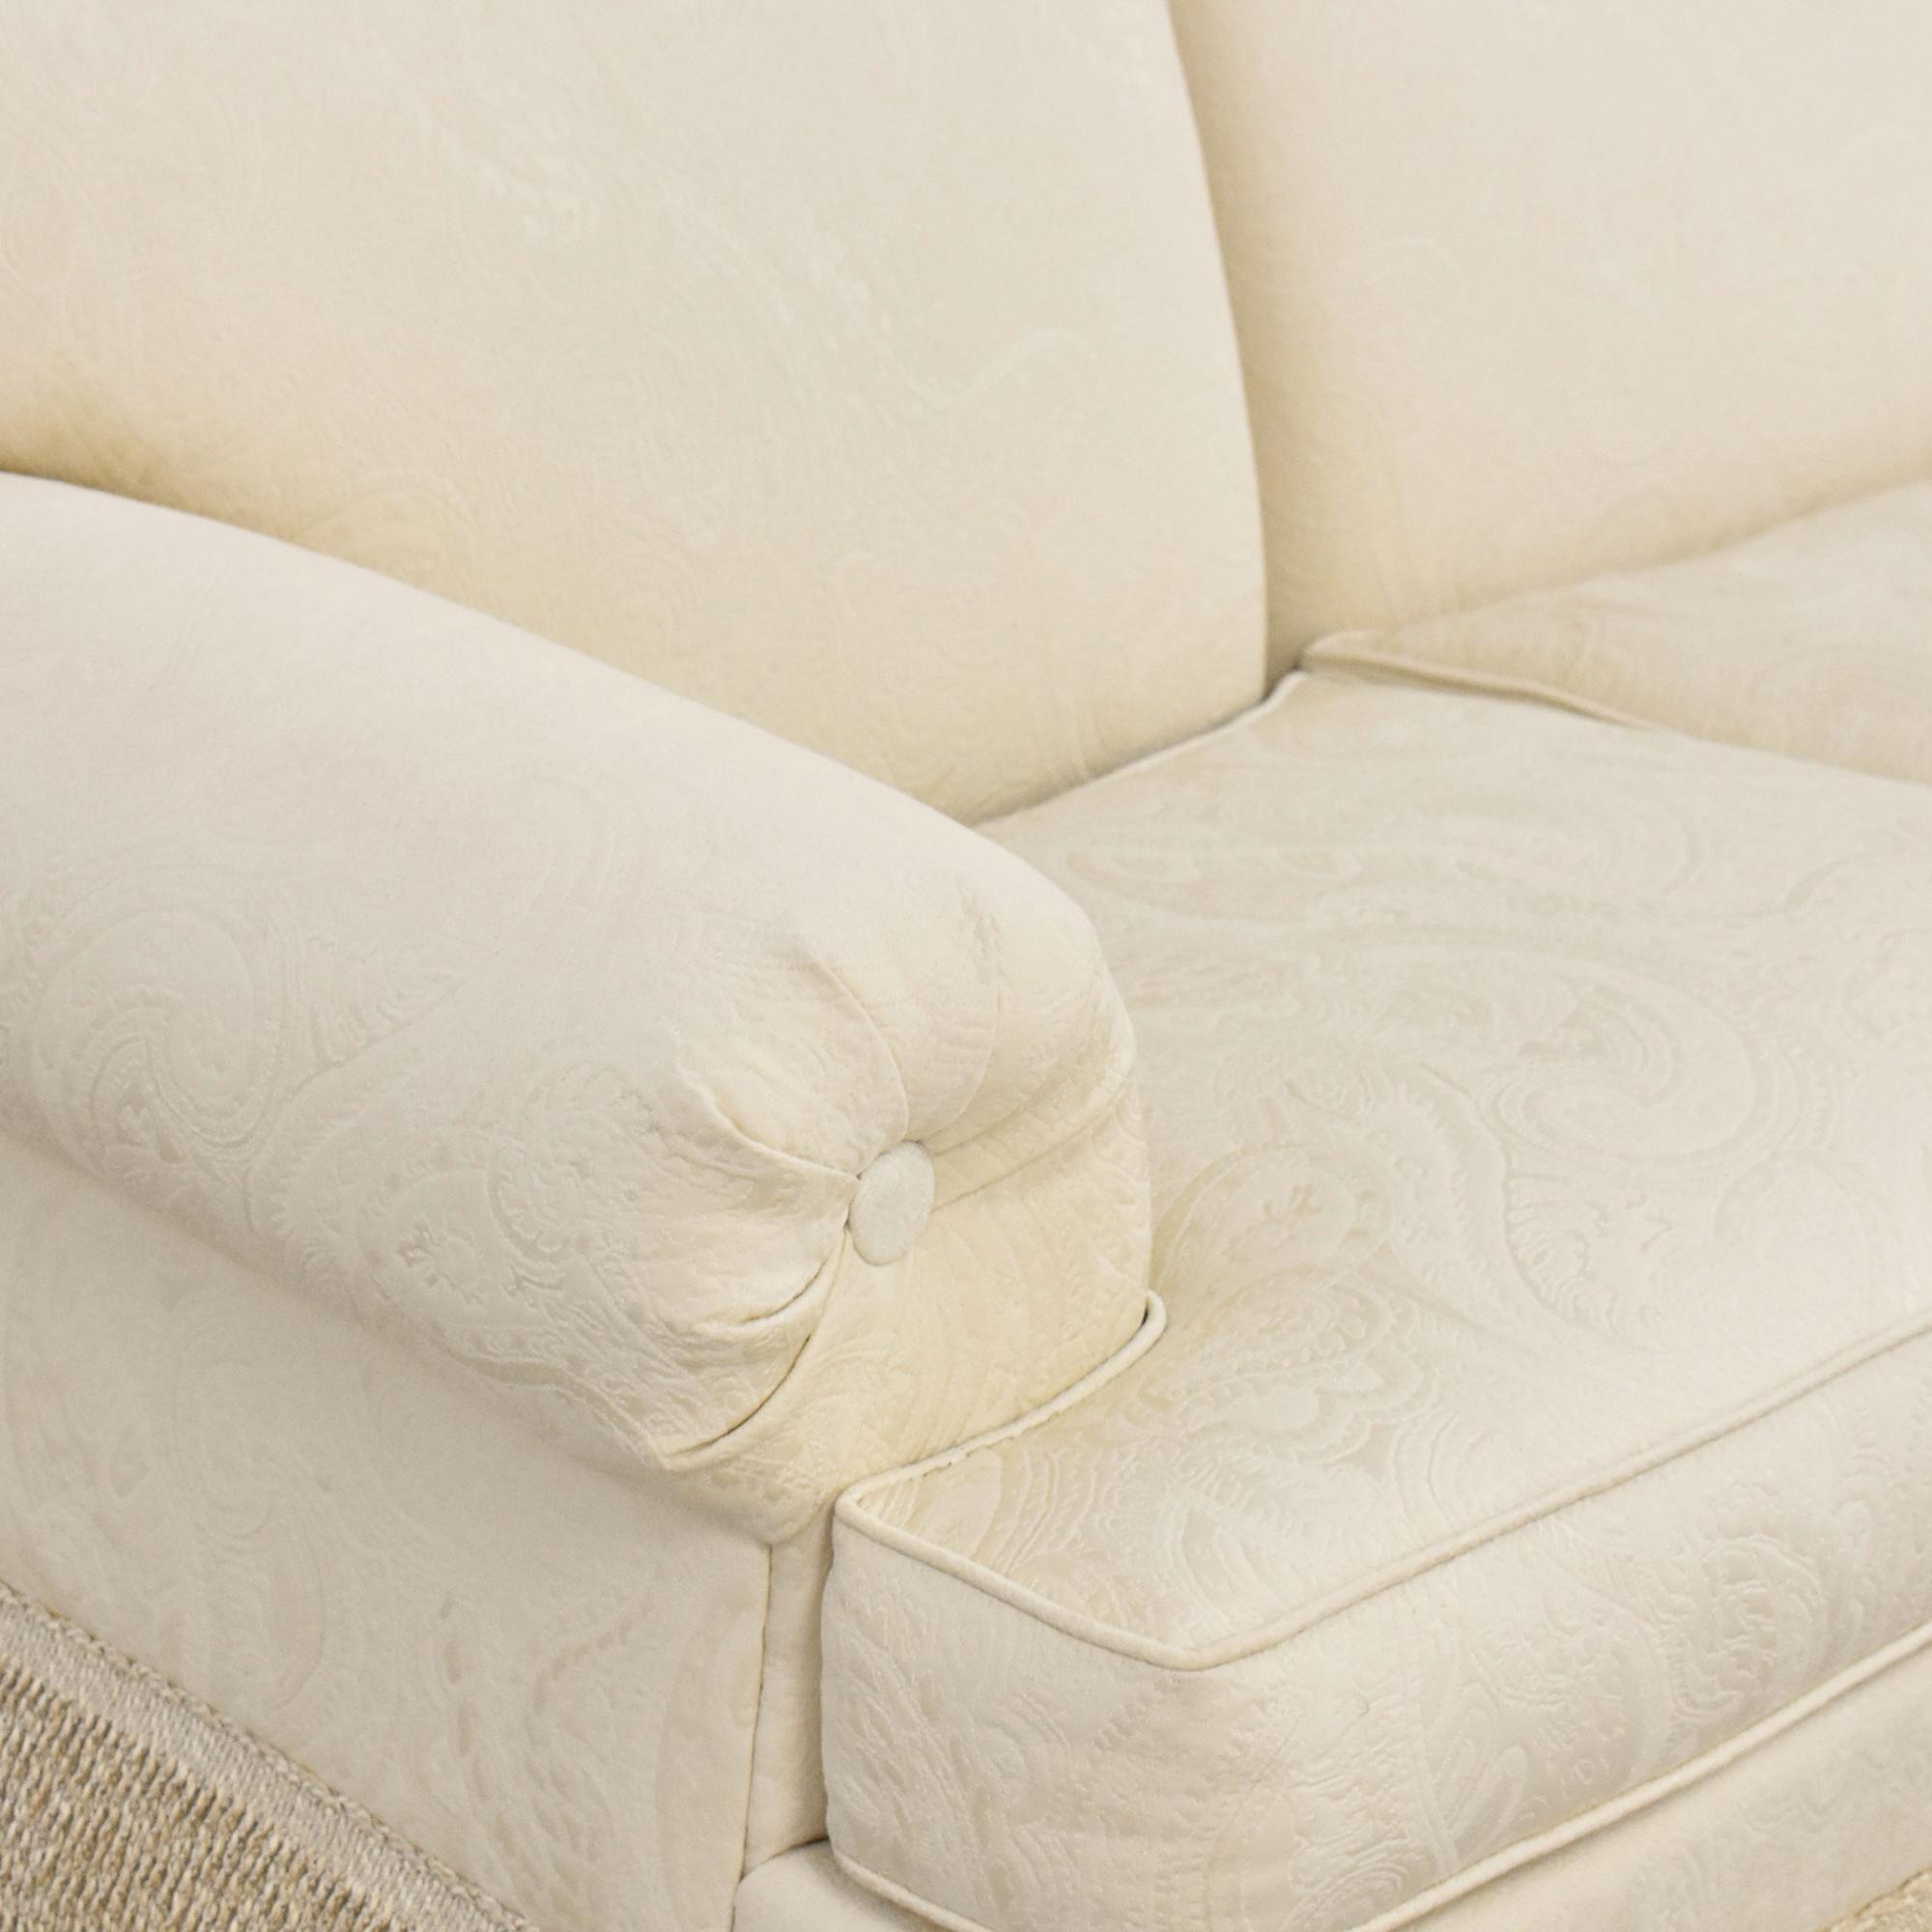 Ethan Allen Ethan Allen Fringed Three Cushion Sofa